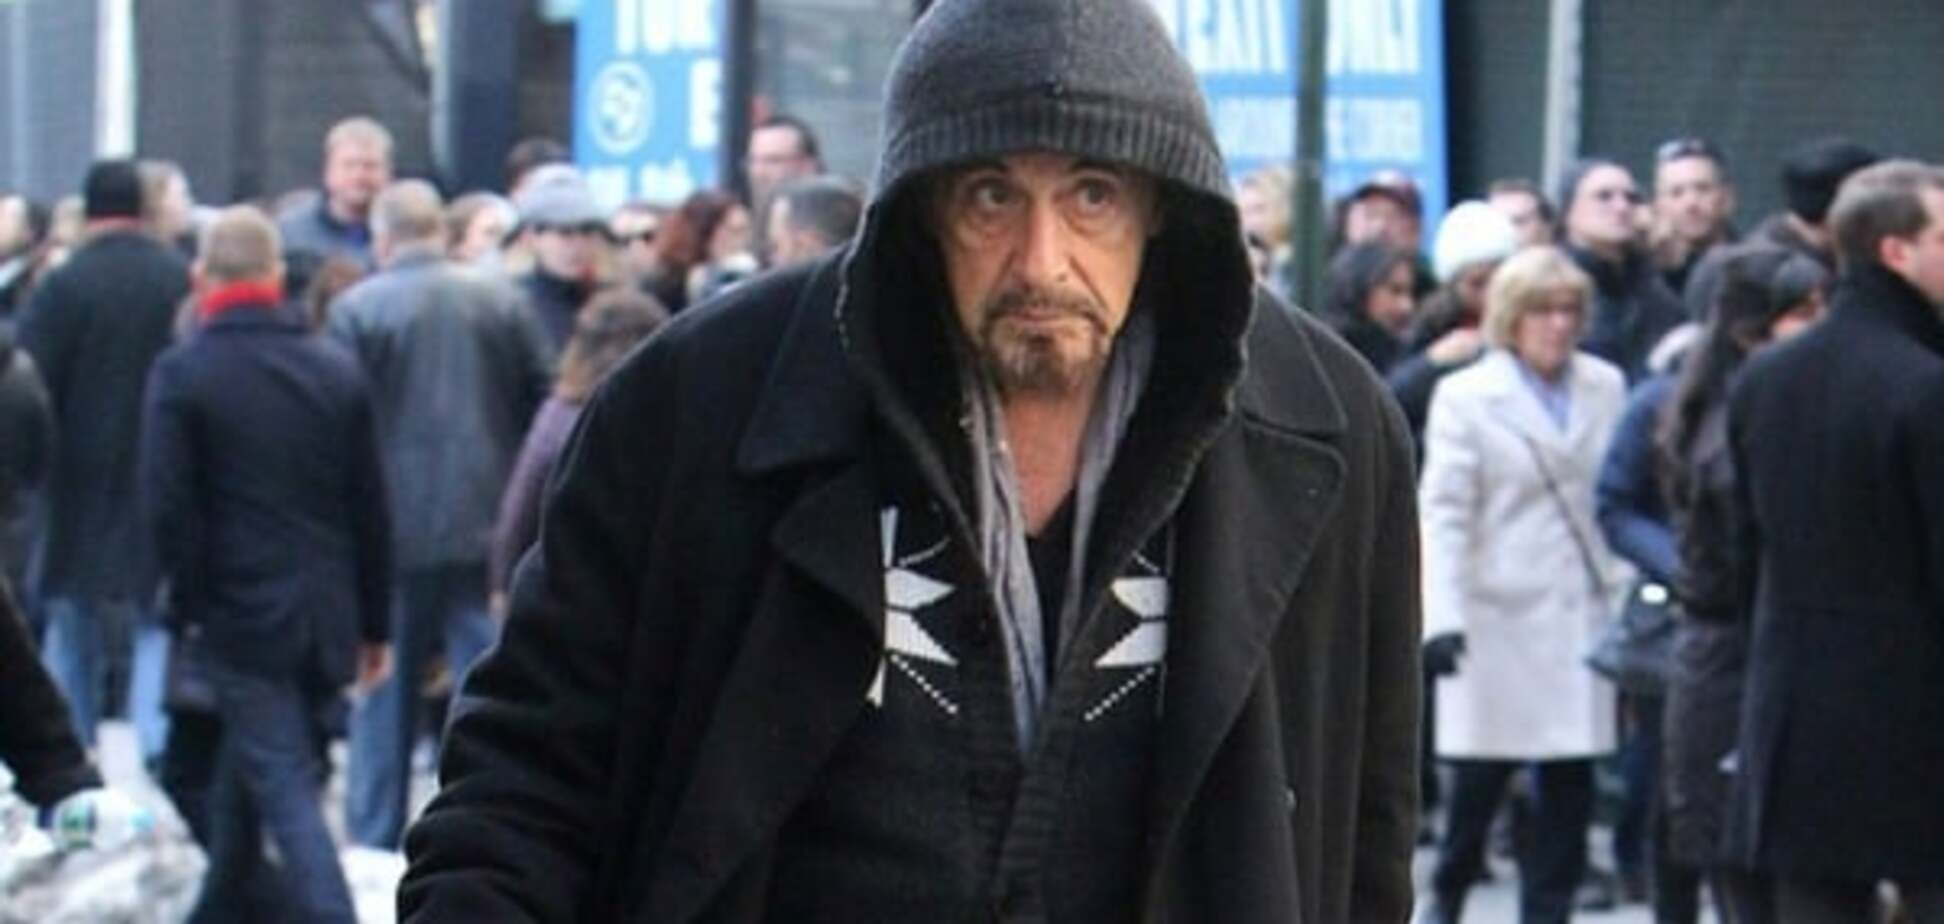 Бомжи Америки: 75-летнего Аль Пачино приняли за бездомного